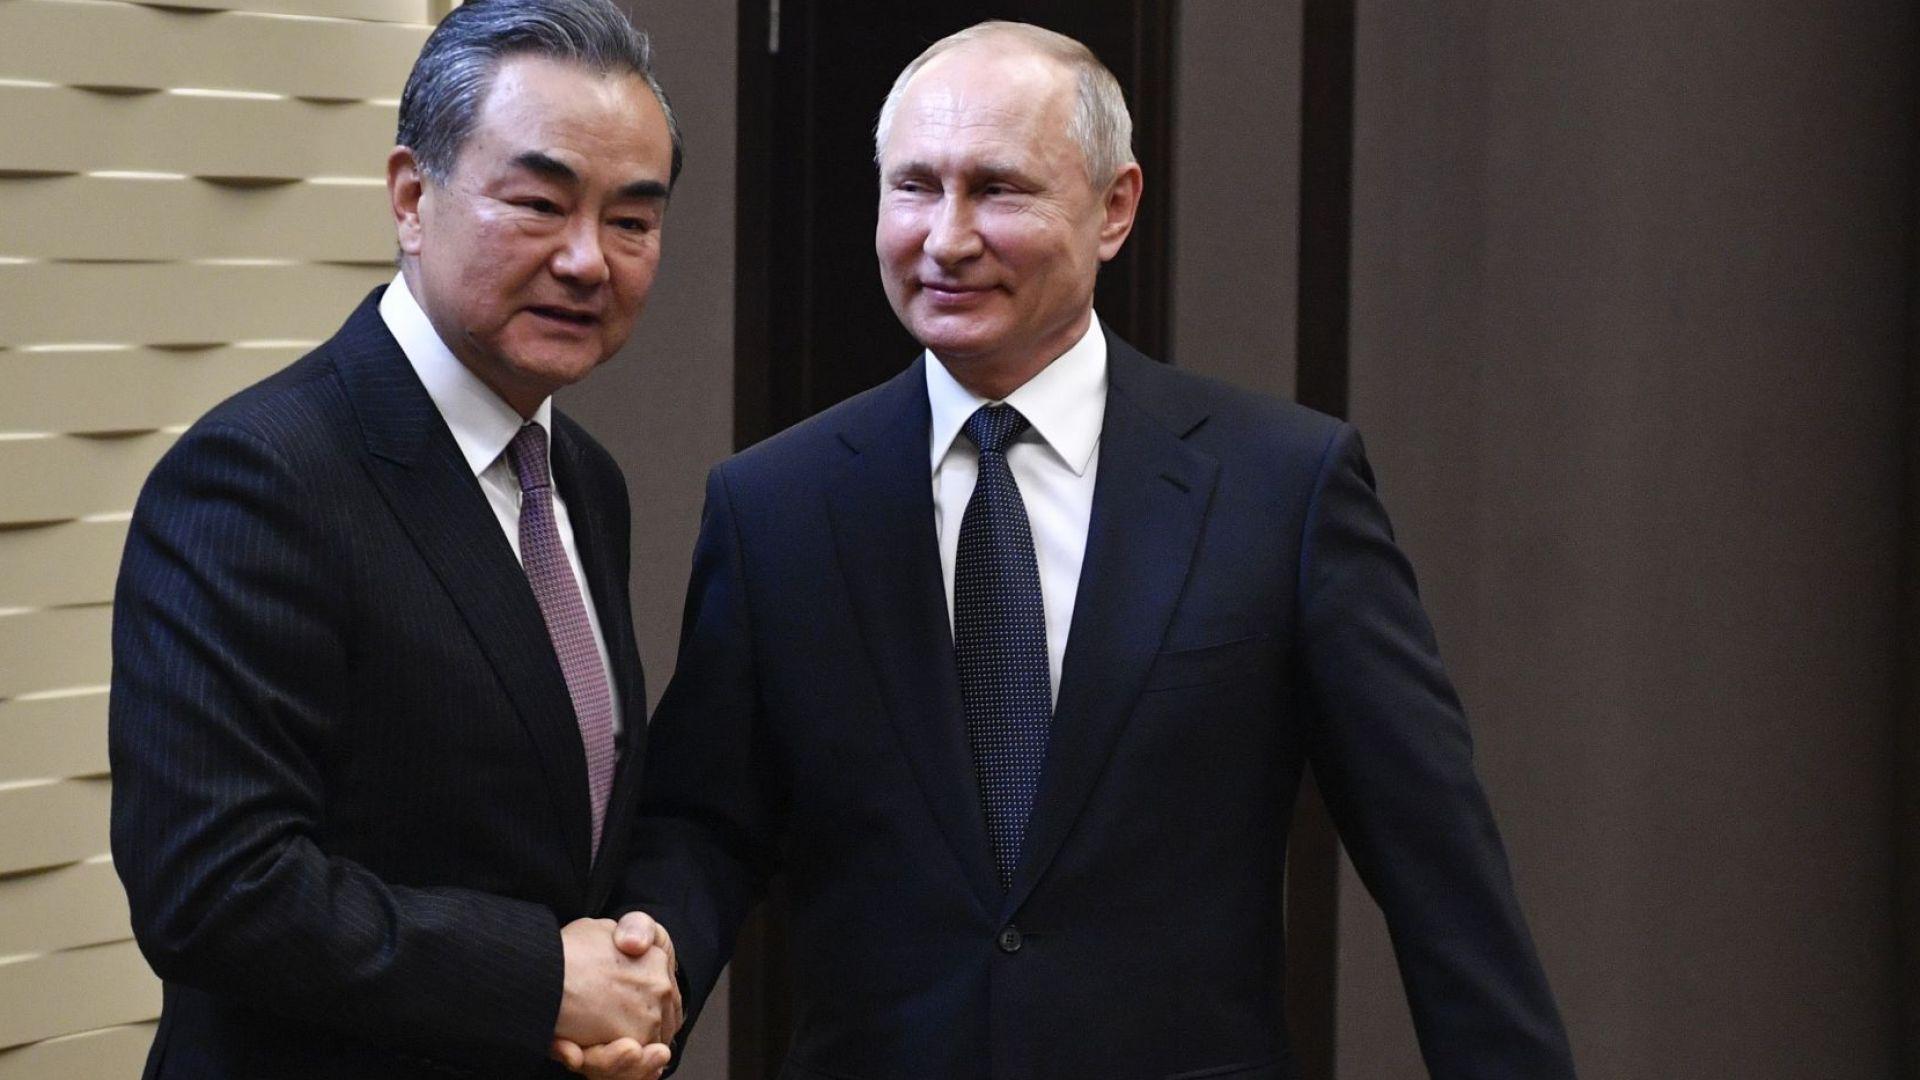 Външните министри на Русия и Китай Сергей Лавров и Ван